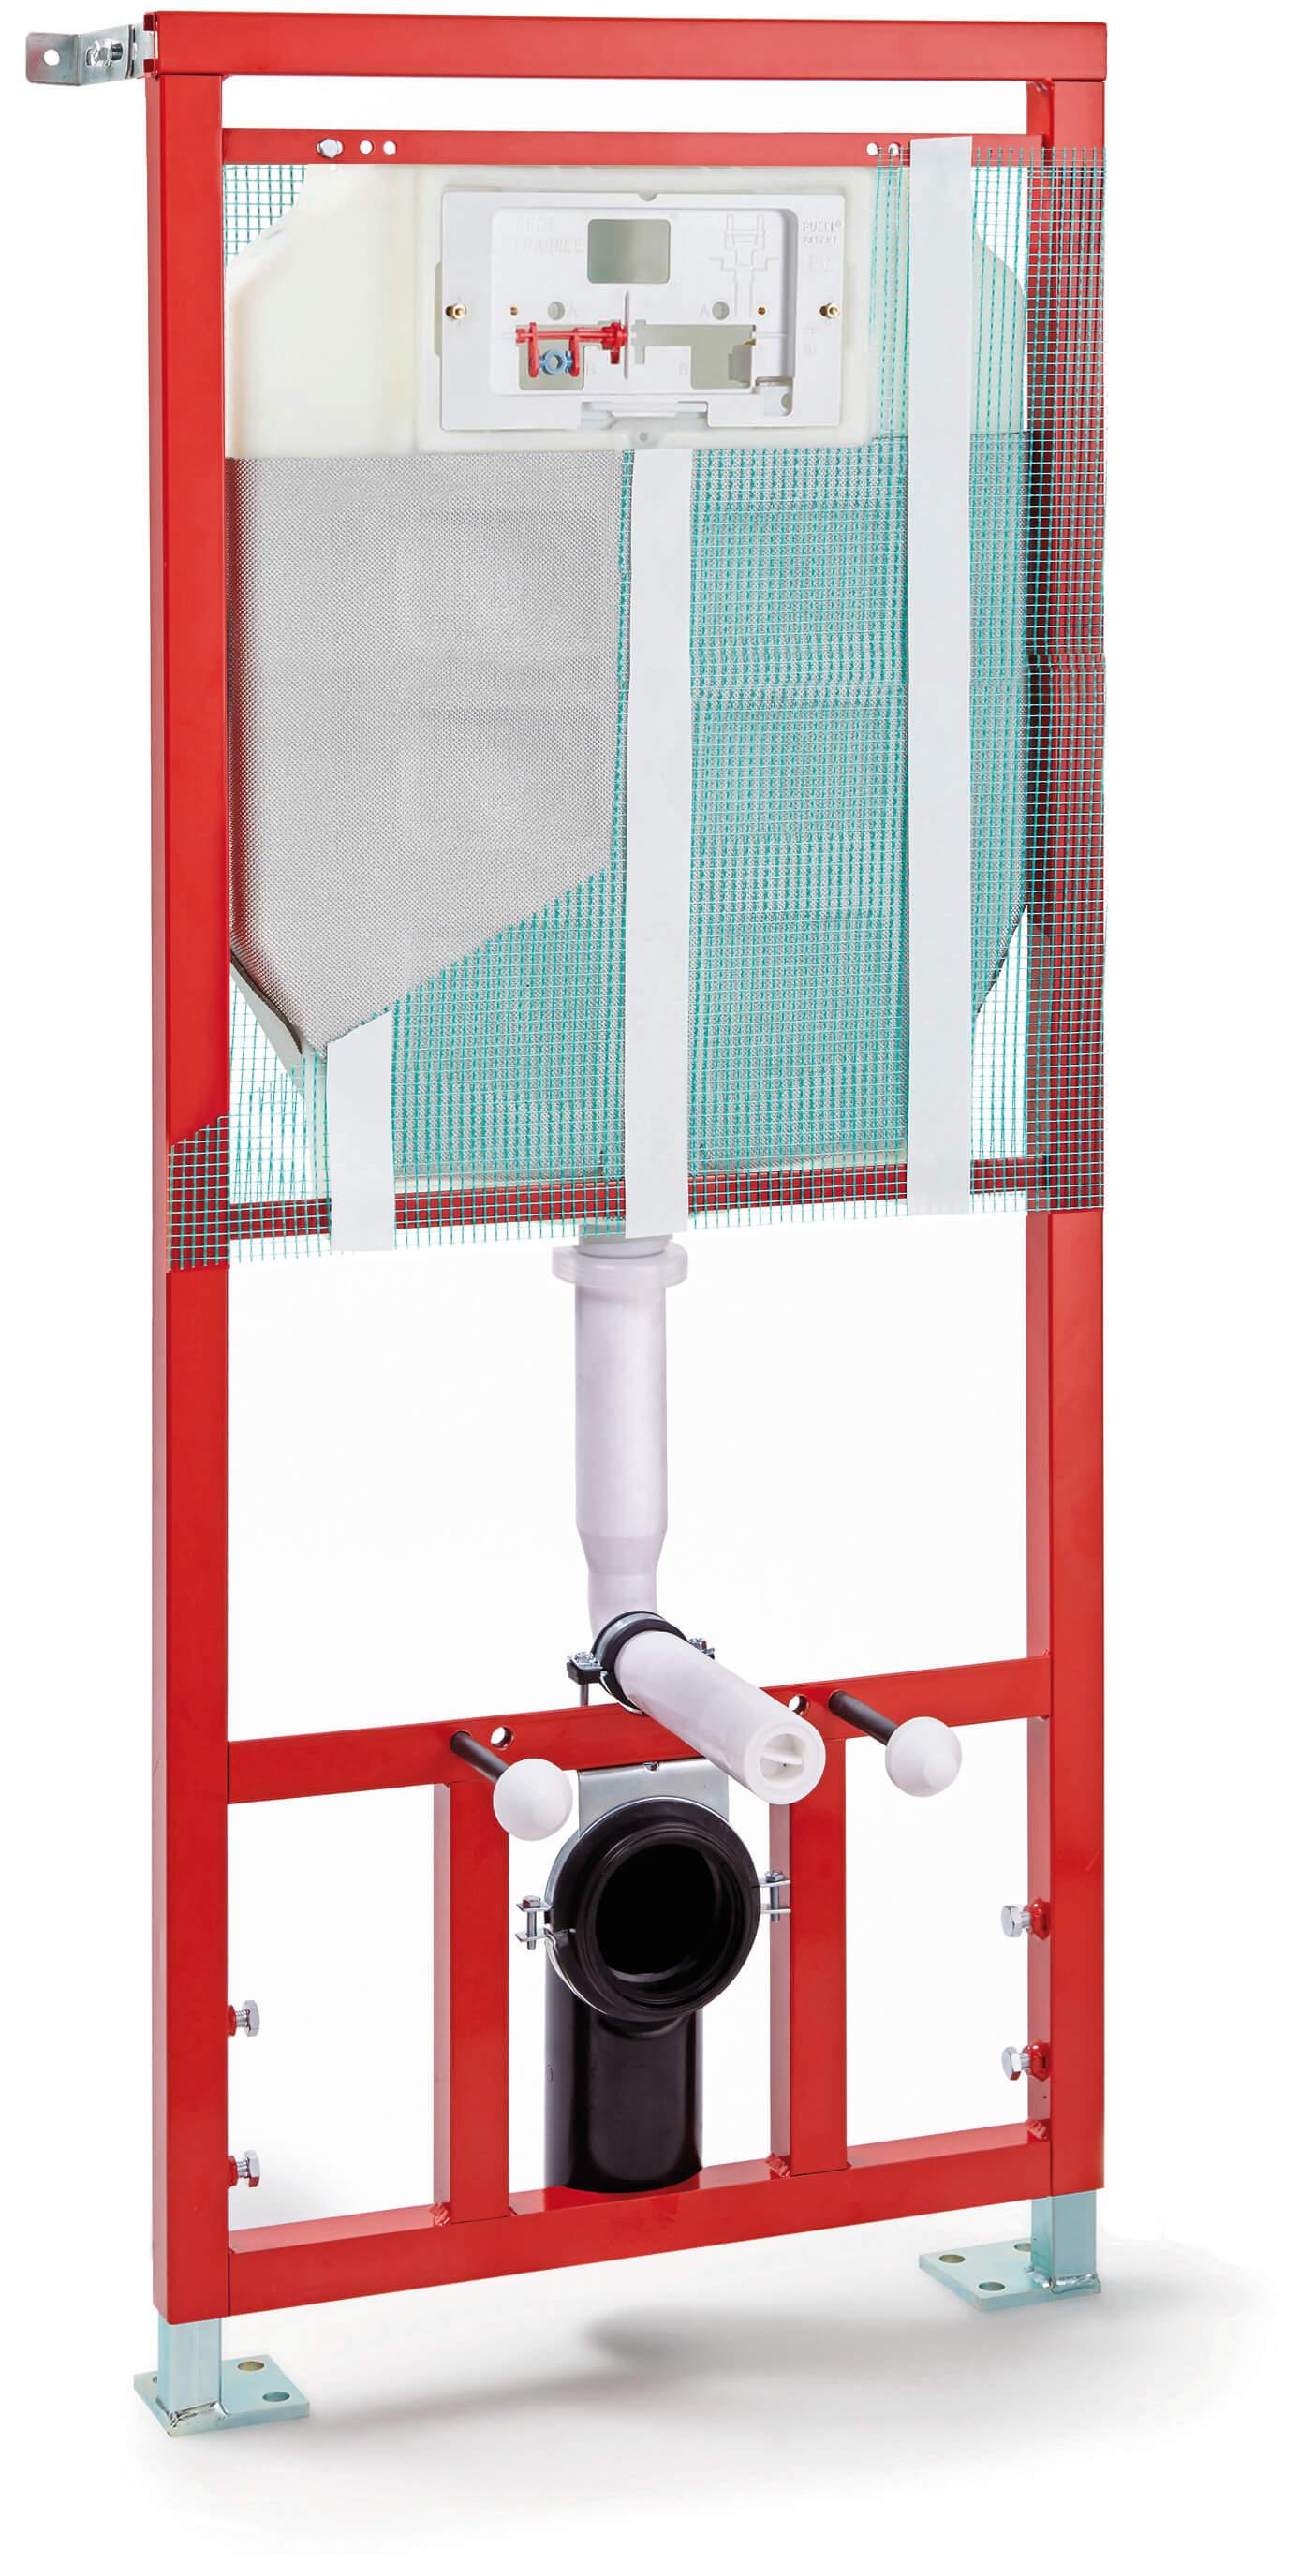 Comunicazione Asl Detrazione 50 Modulo interno alla parete, esterno alla parete modulo È il